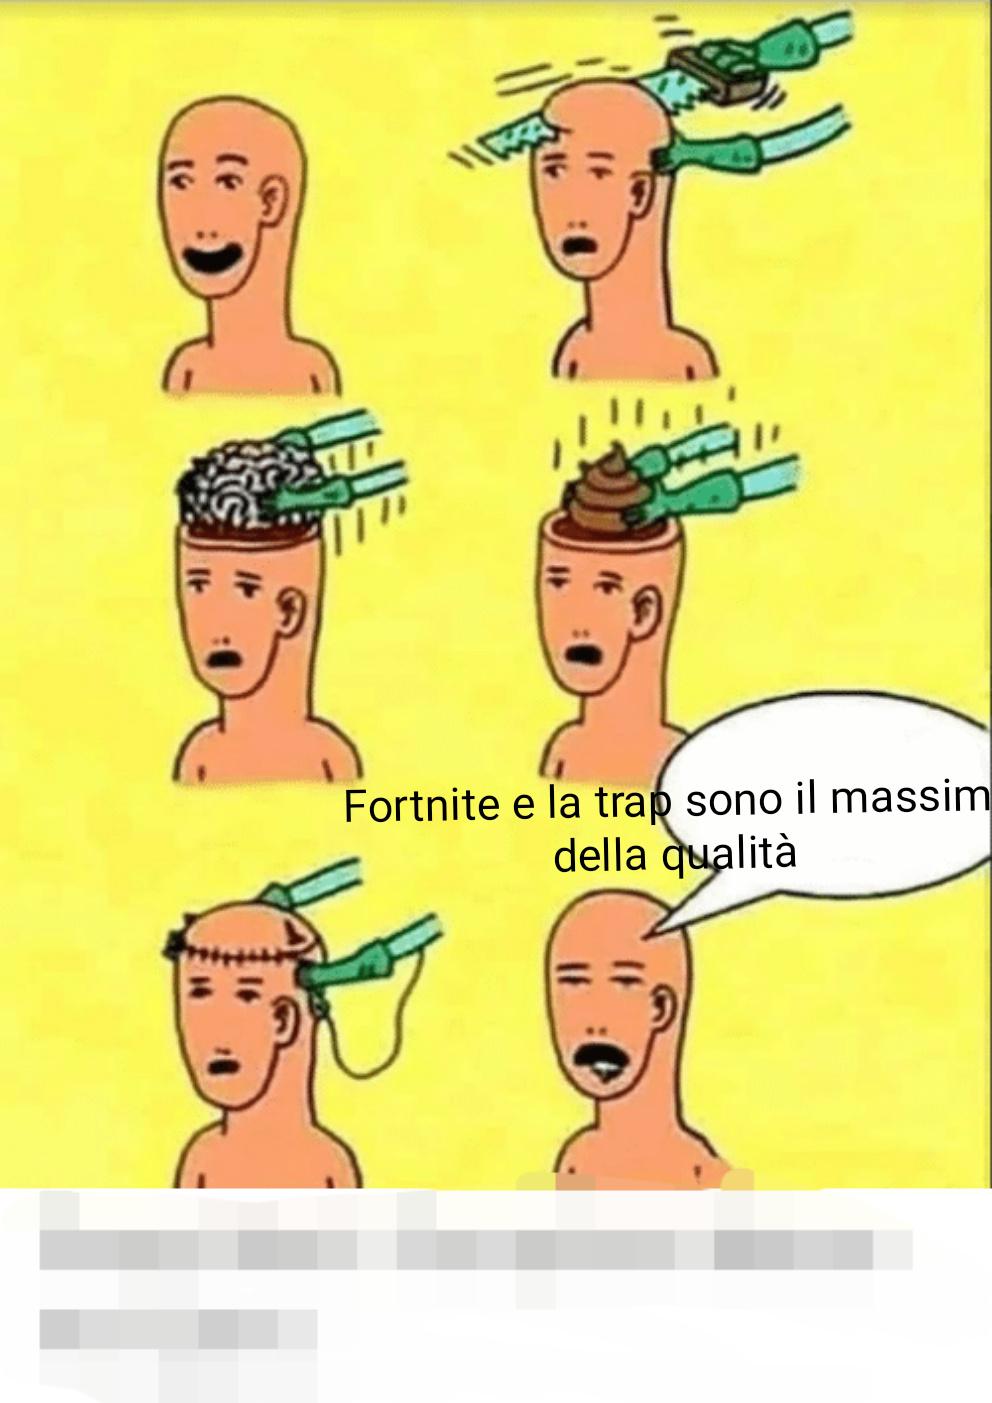 Lfsx - meme